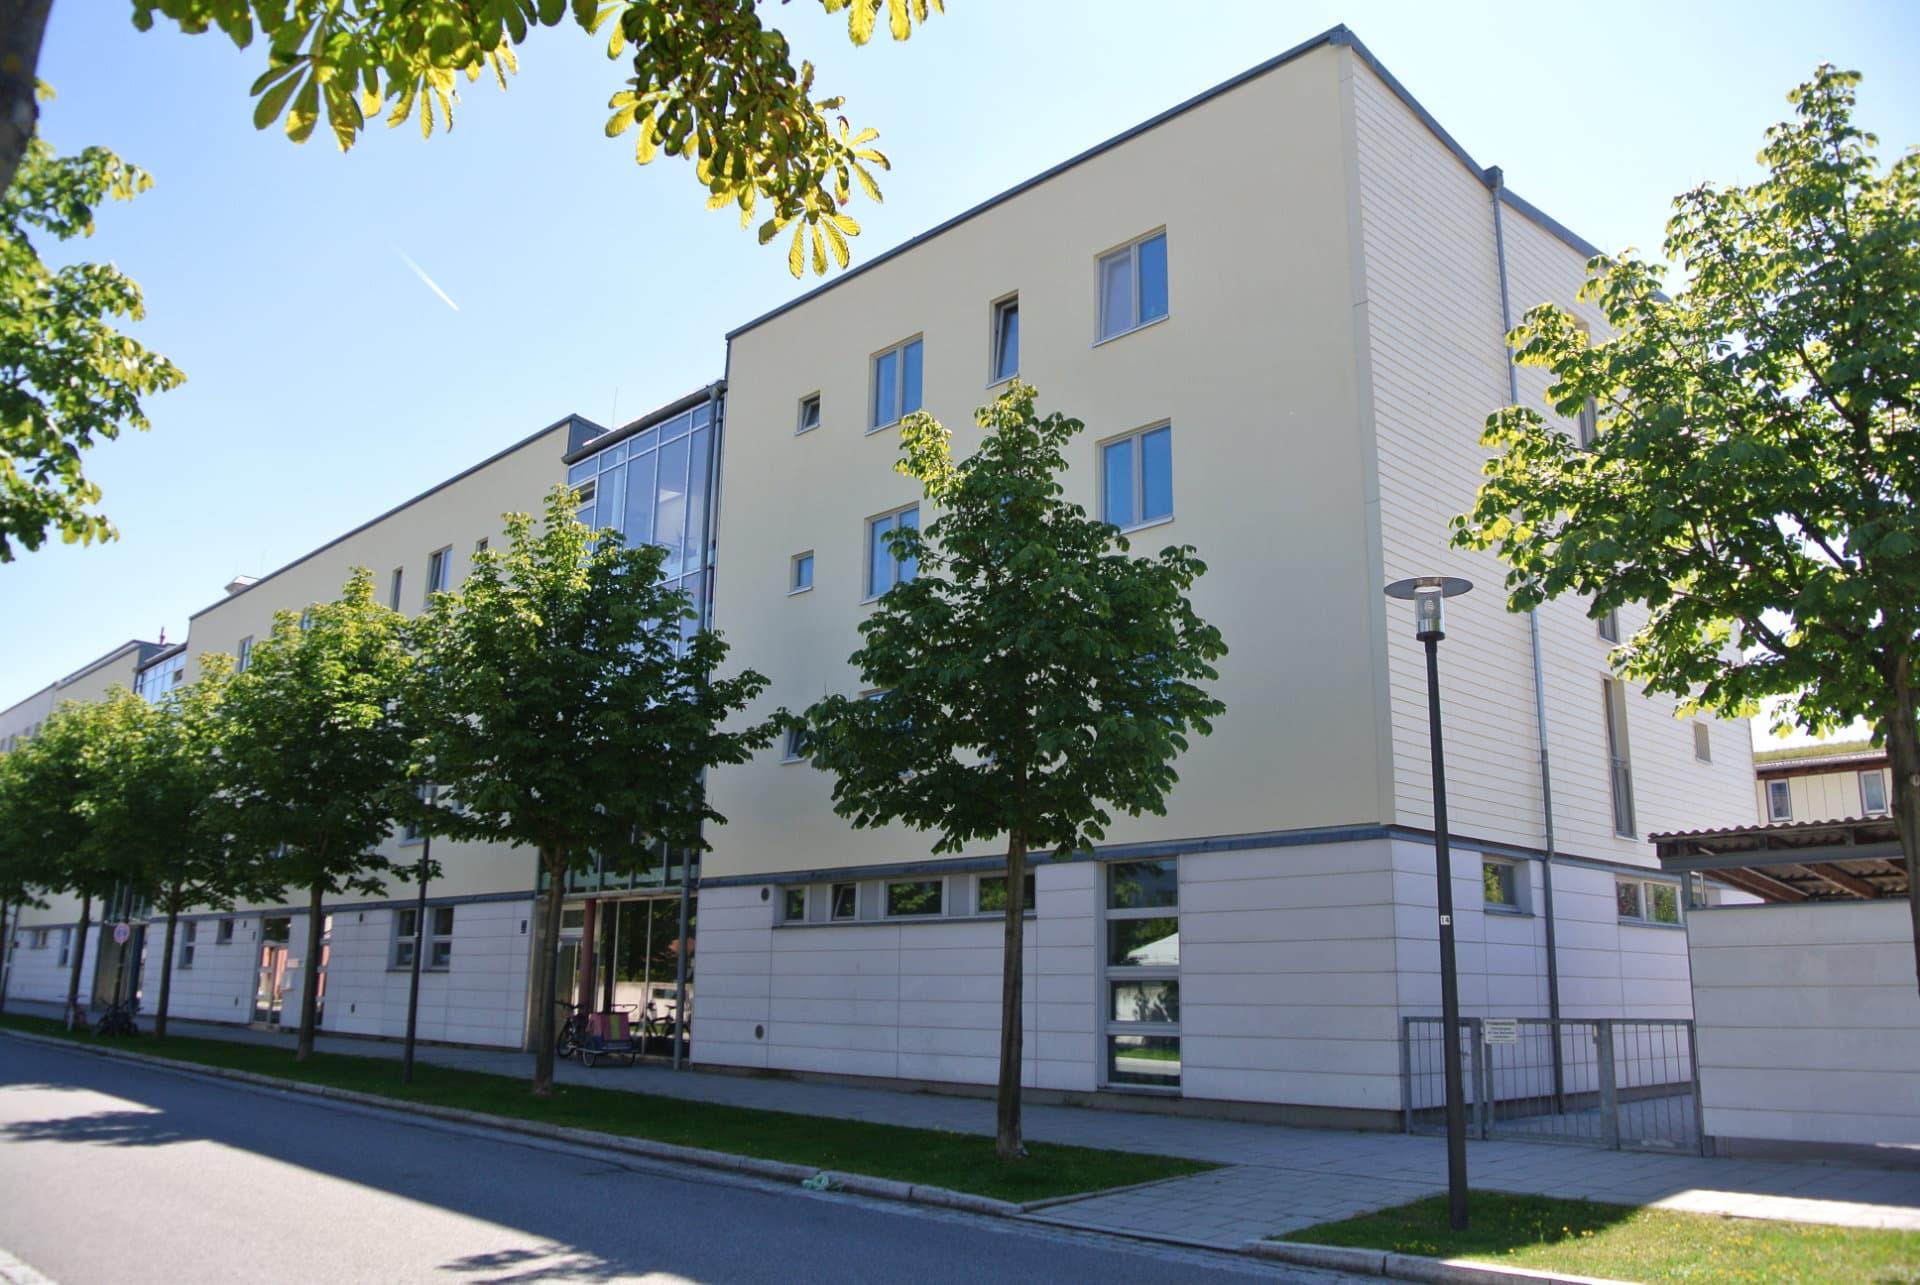 Südansicht des NEST MFH R1 mit Kita in München im Passivhausstandard.